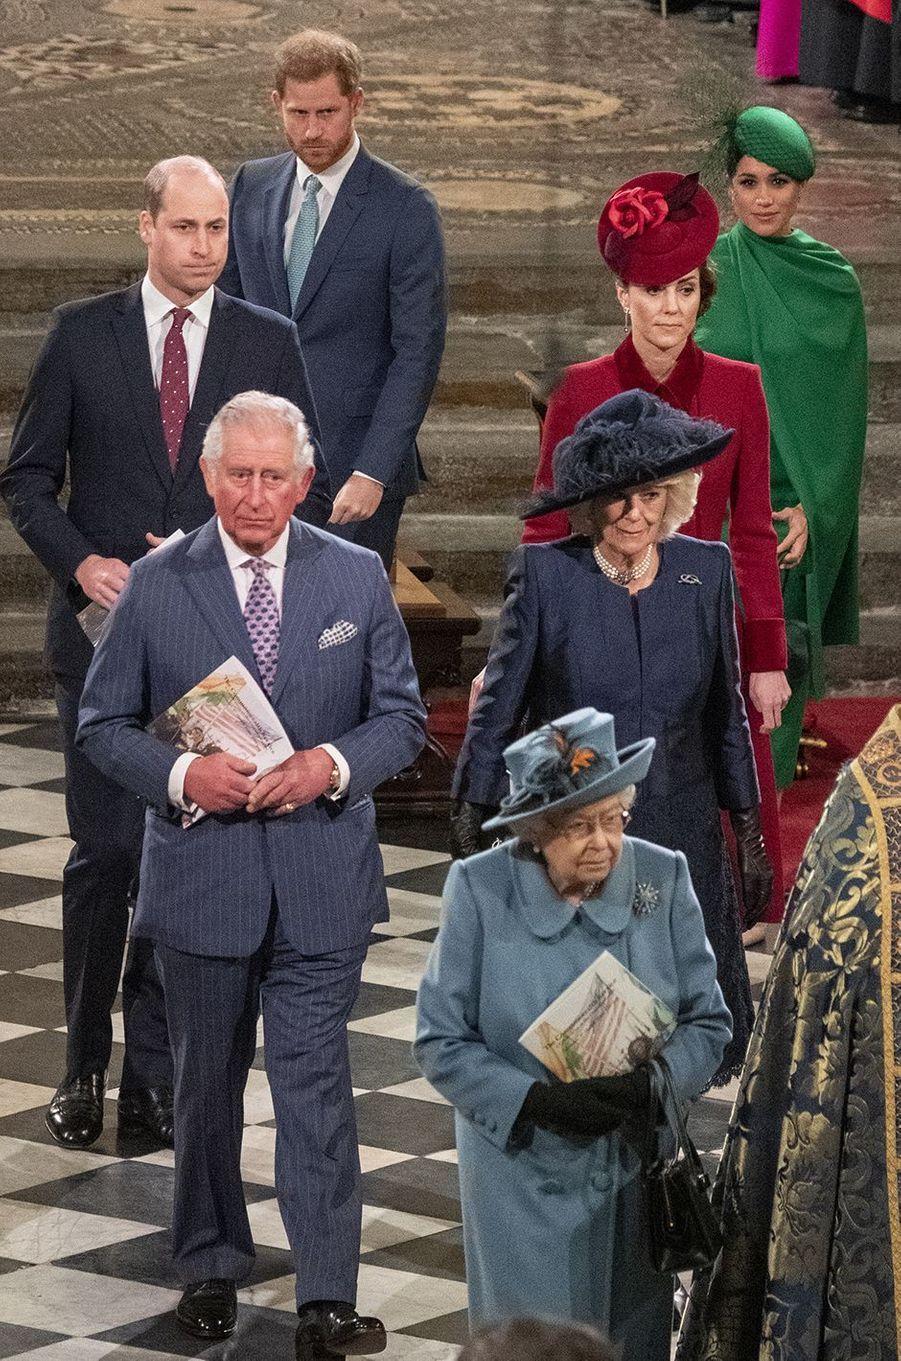 Harry et Meghan lors de leur dernier engagement officiel avec la famille royale à la cérémonie du Commonwealth en mars 2020